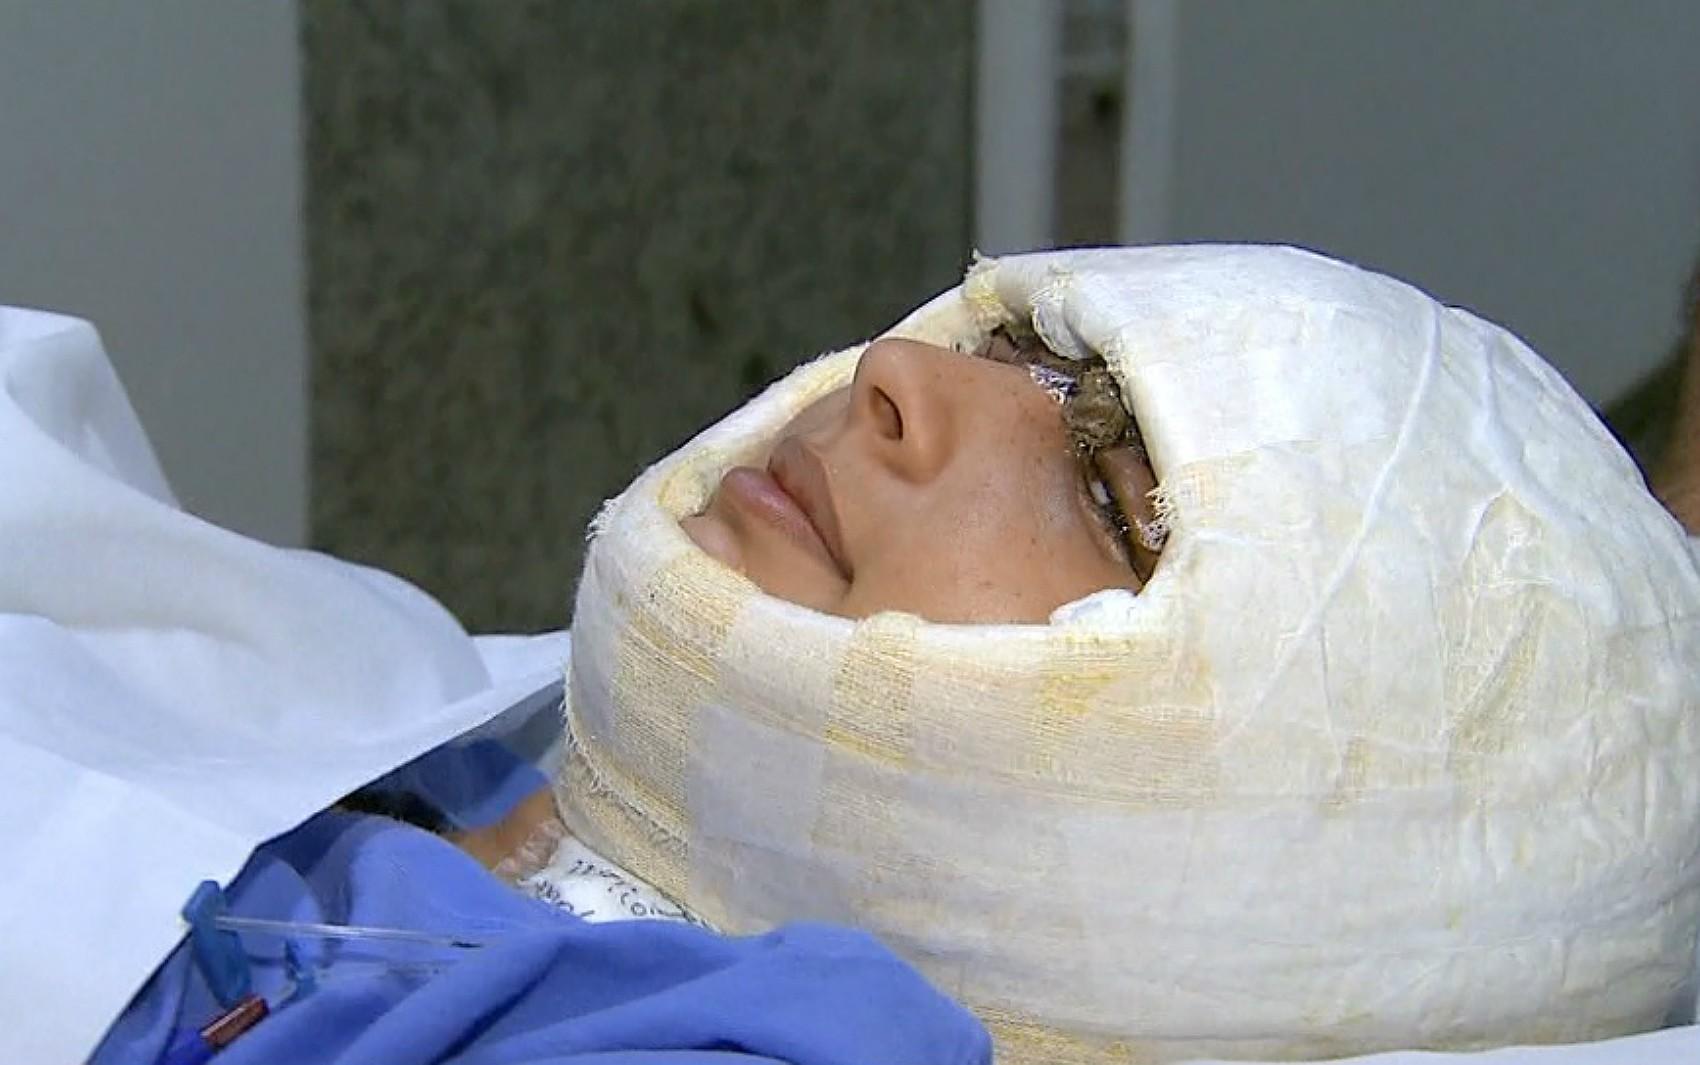 Chega a 5 horas transplante de pele em jovem que teve couro cabeludo arrancado em kart - Notícias - Plantão Diário